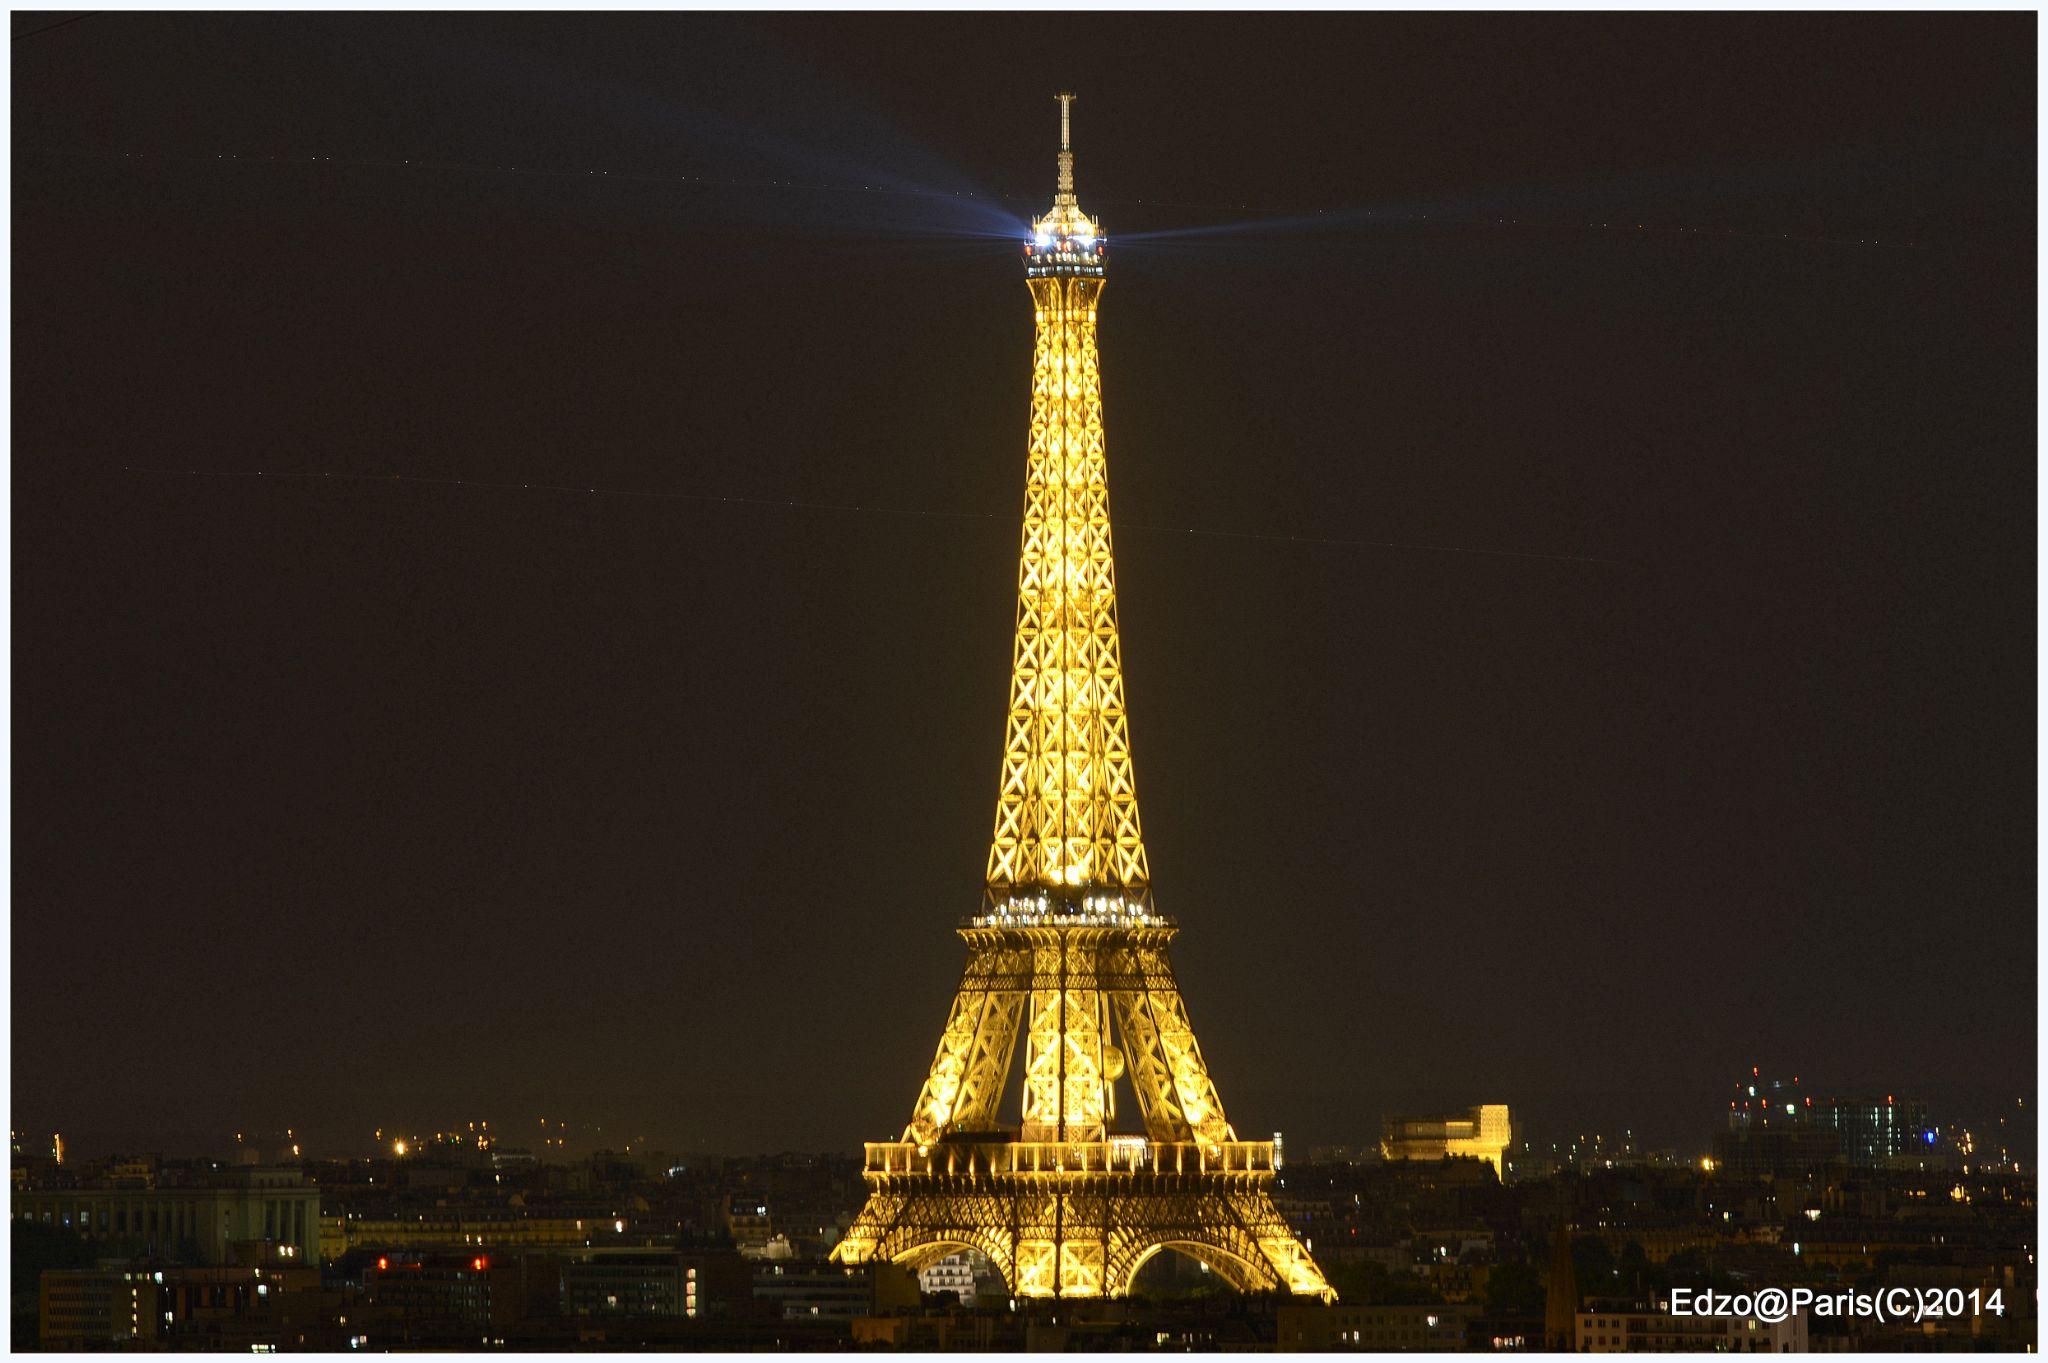 EIFFEL TOWER by Emmanuel De Zorzi